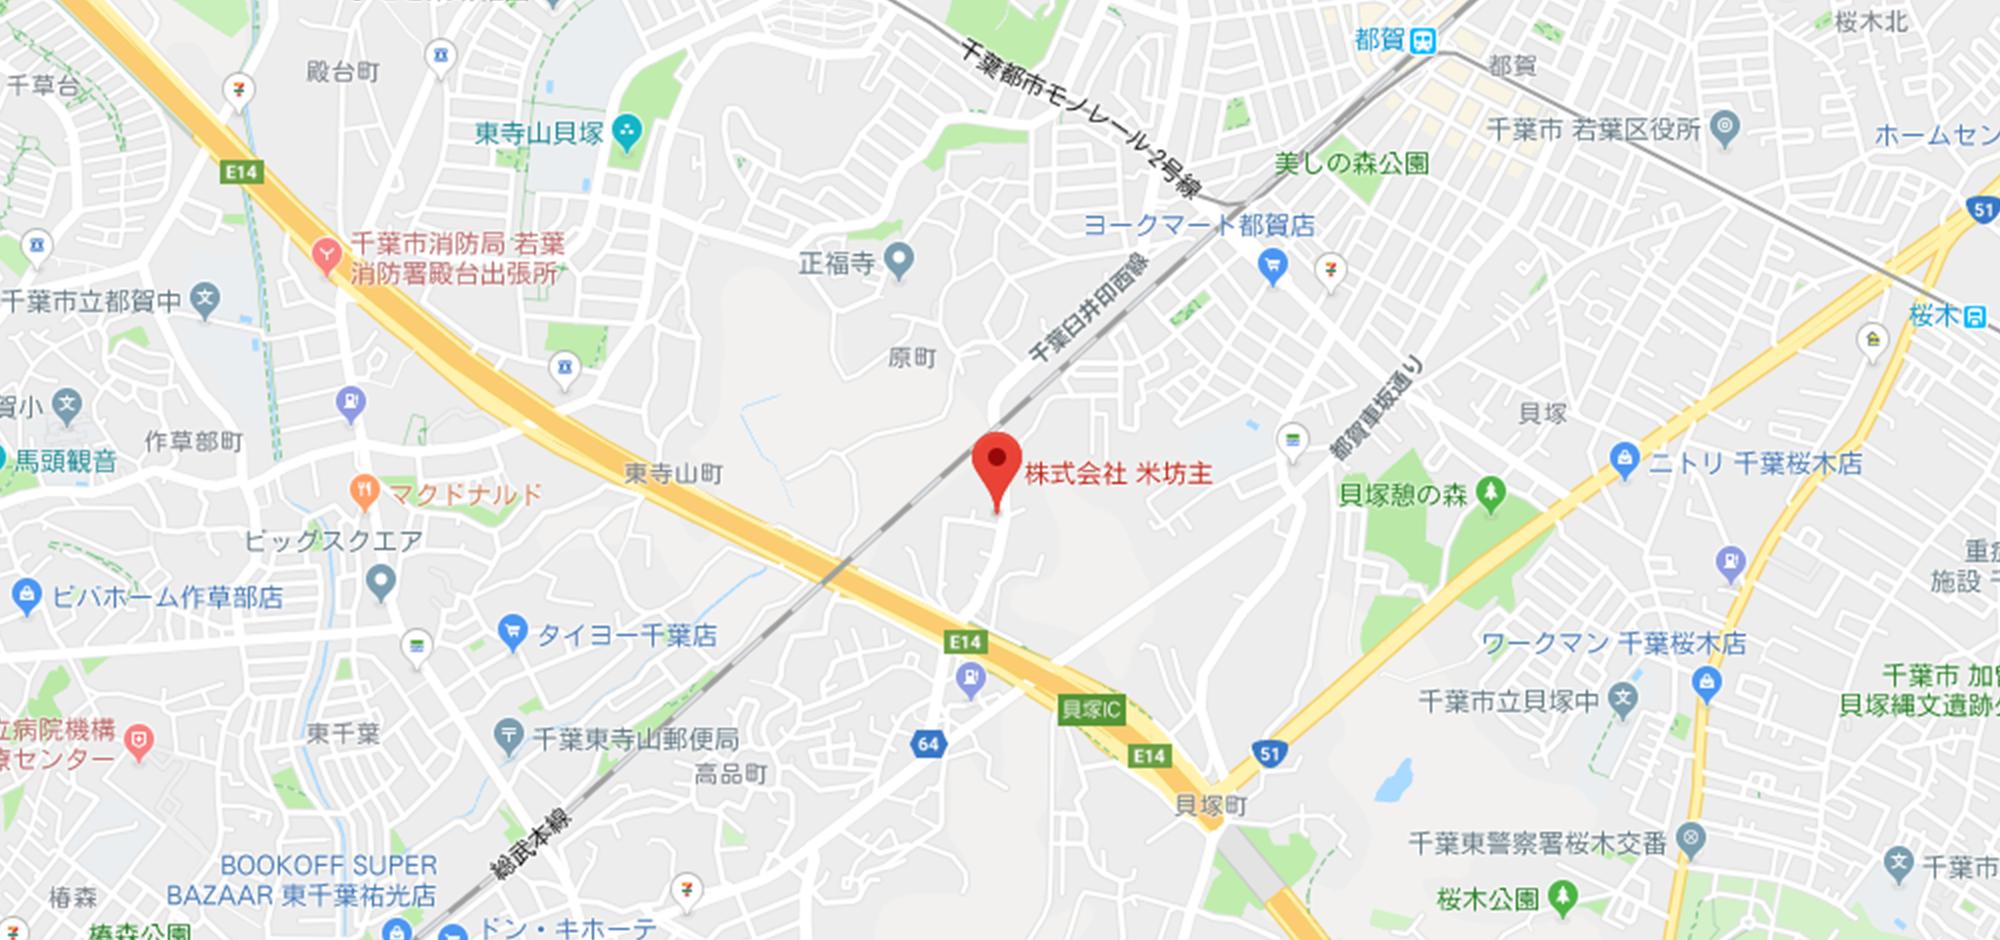 googlemapのサムネイル